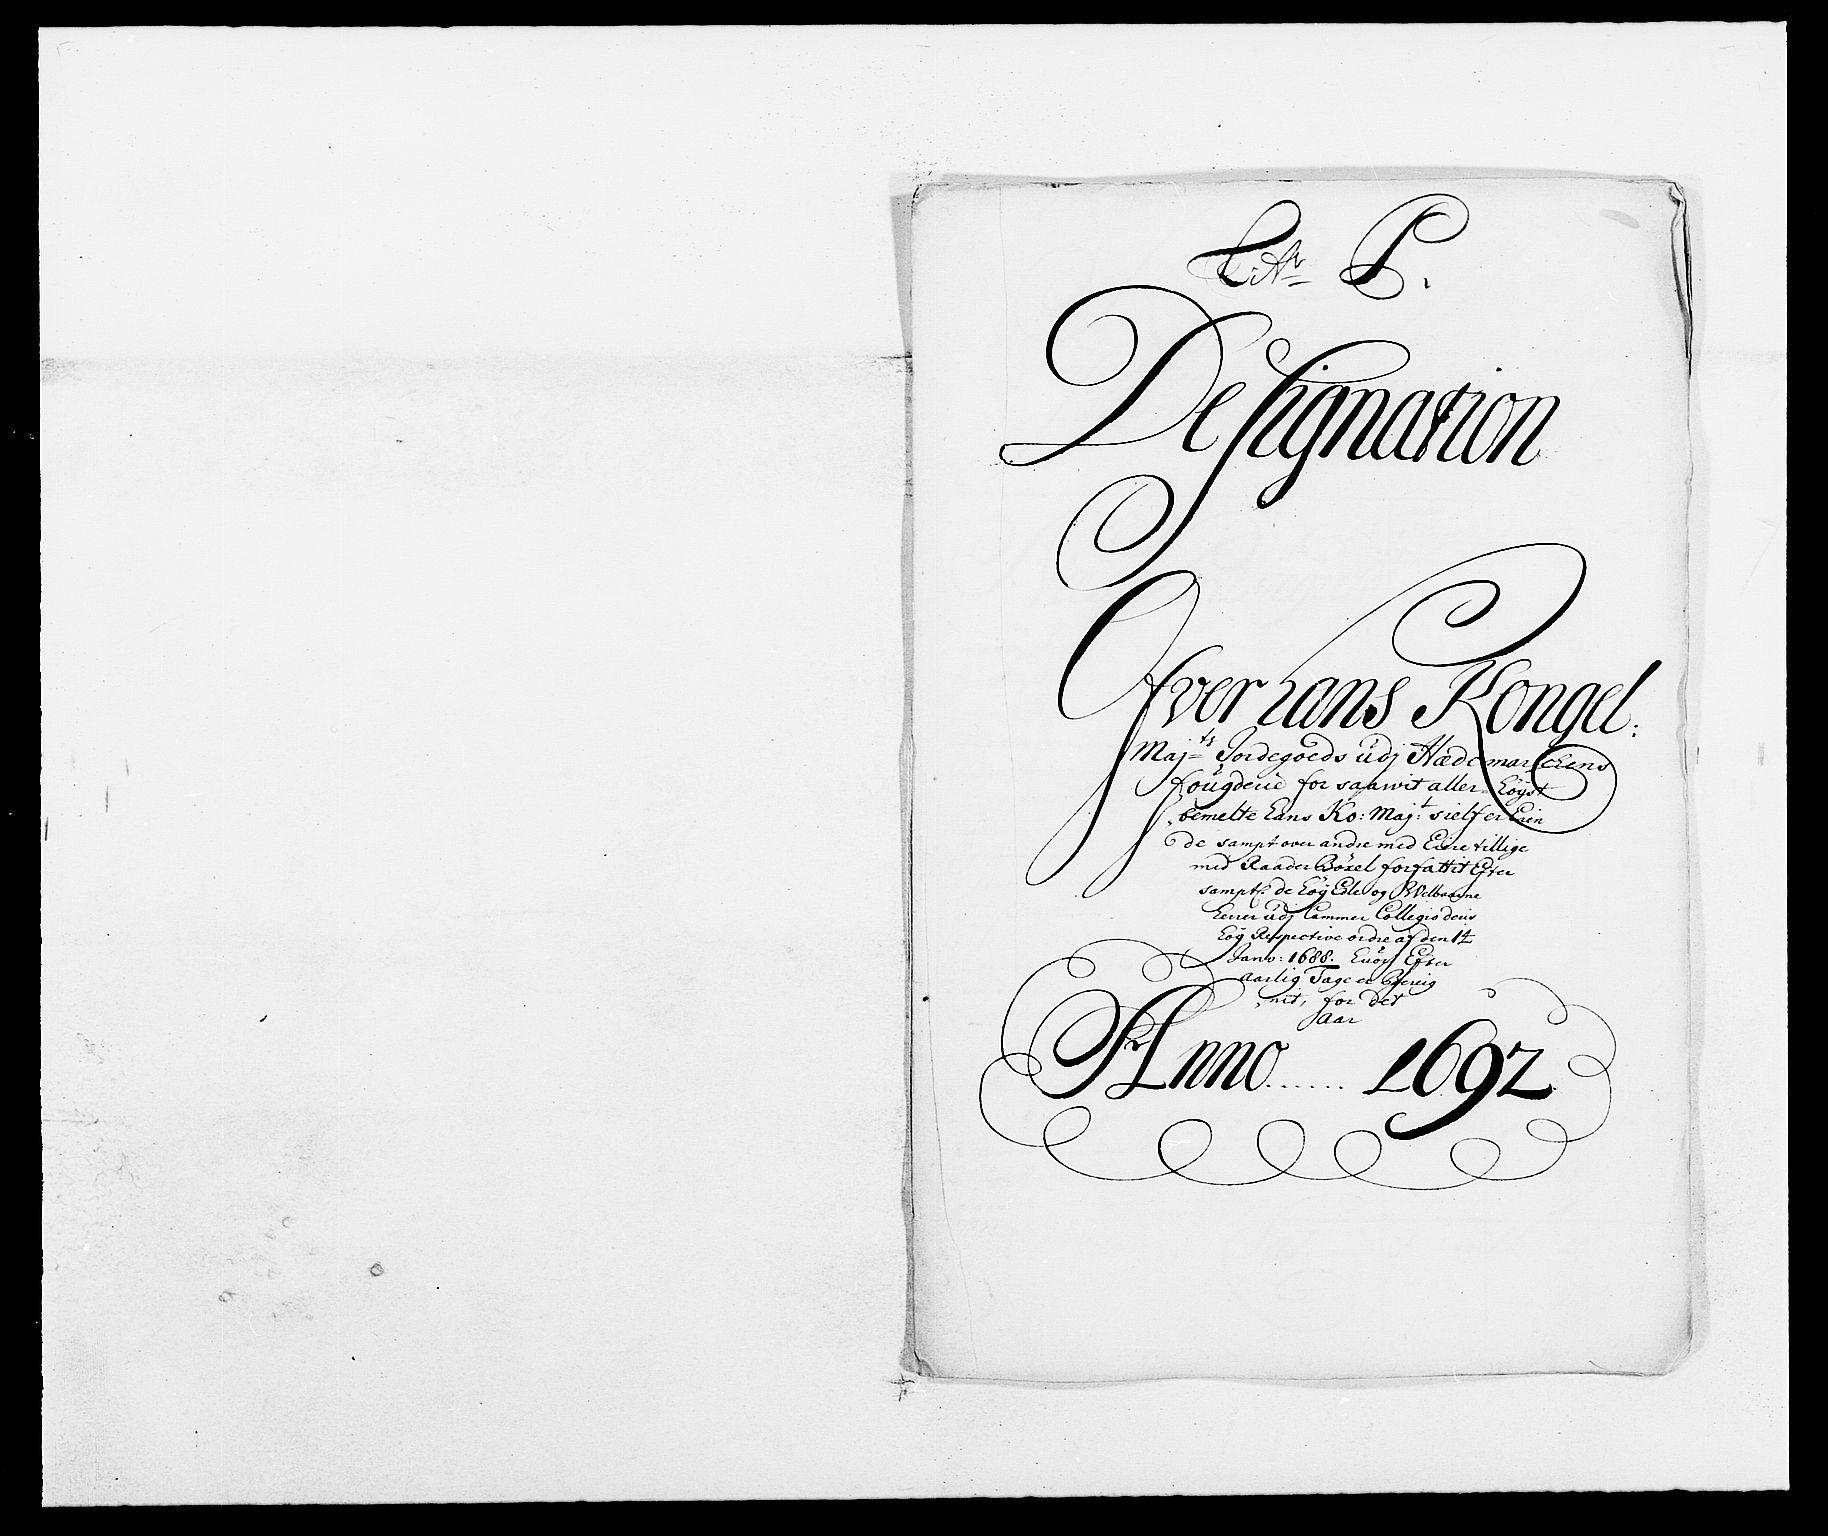 RA, Rentekammeret inntil 1814, Reviderte regnskaper, Fogderegnskap, R16/L1031: Fogderegnskap Hedmark, 1689-1692, s. 39